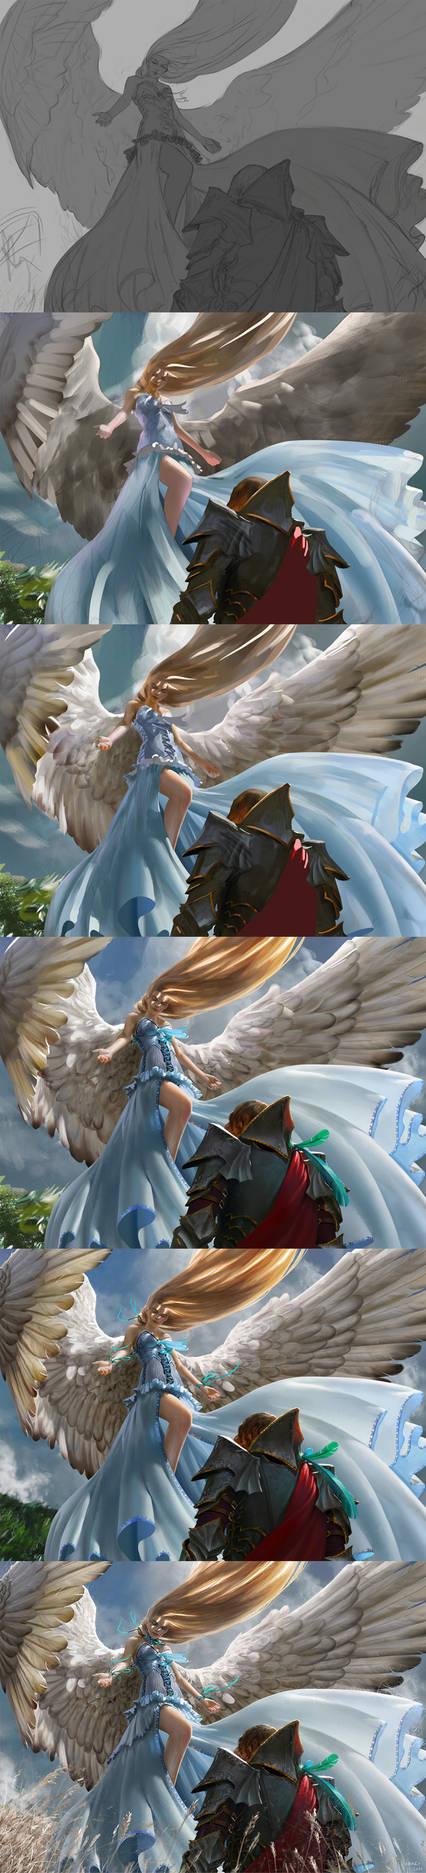 MtG: Restoration Angel - Steps